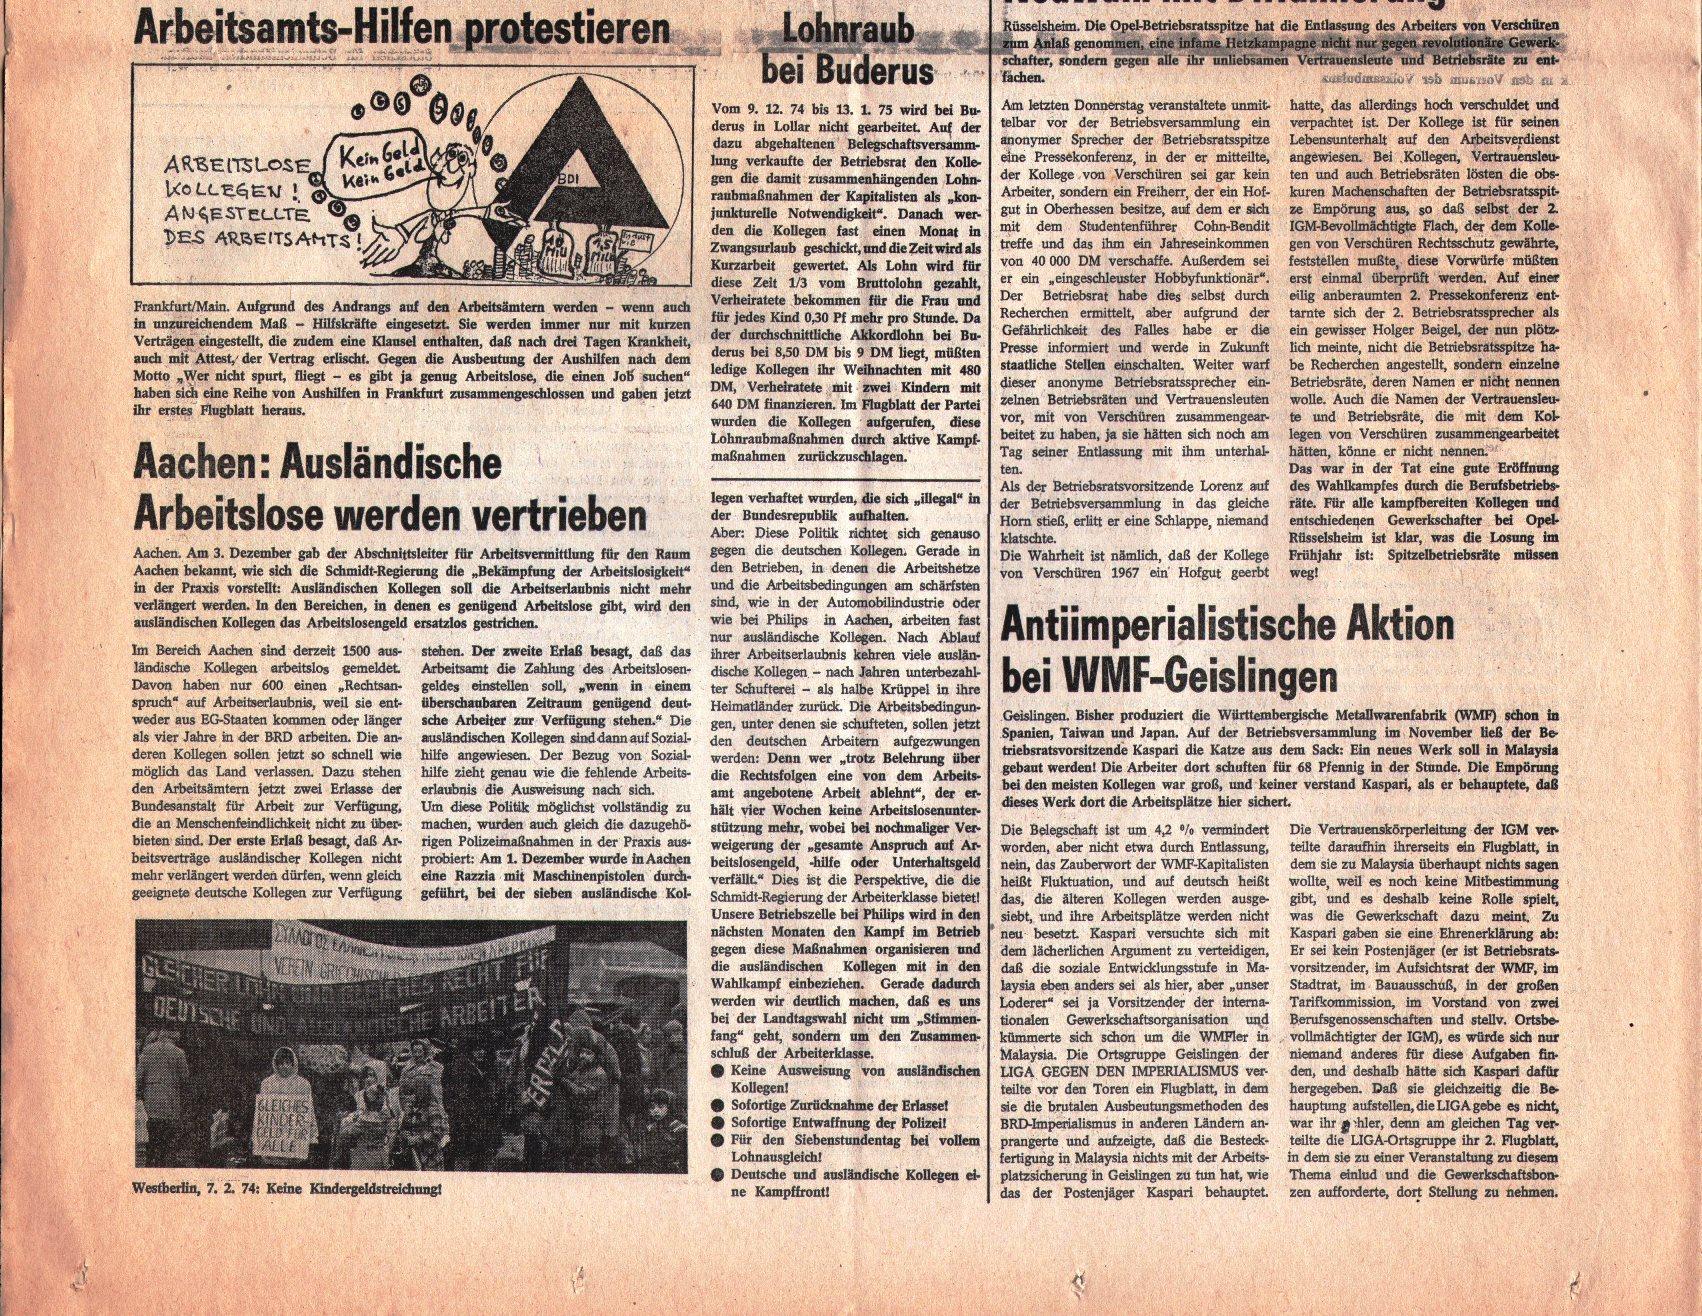 KPD_Rote_Fahne_1974_50_08